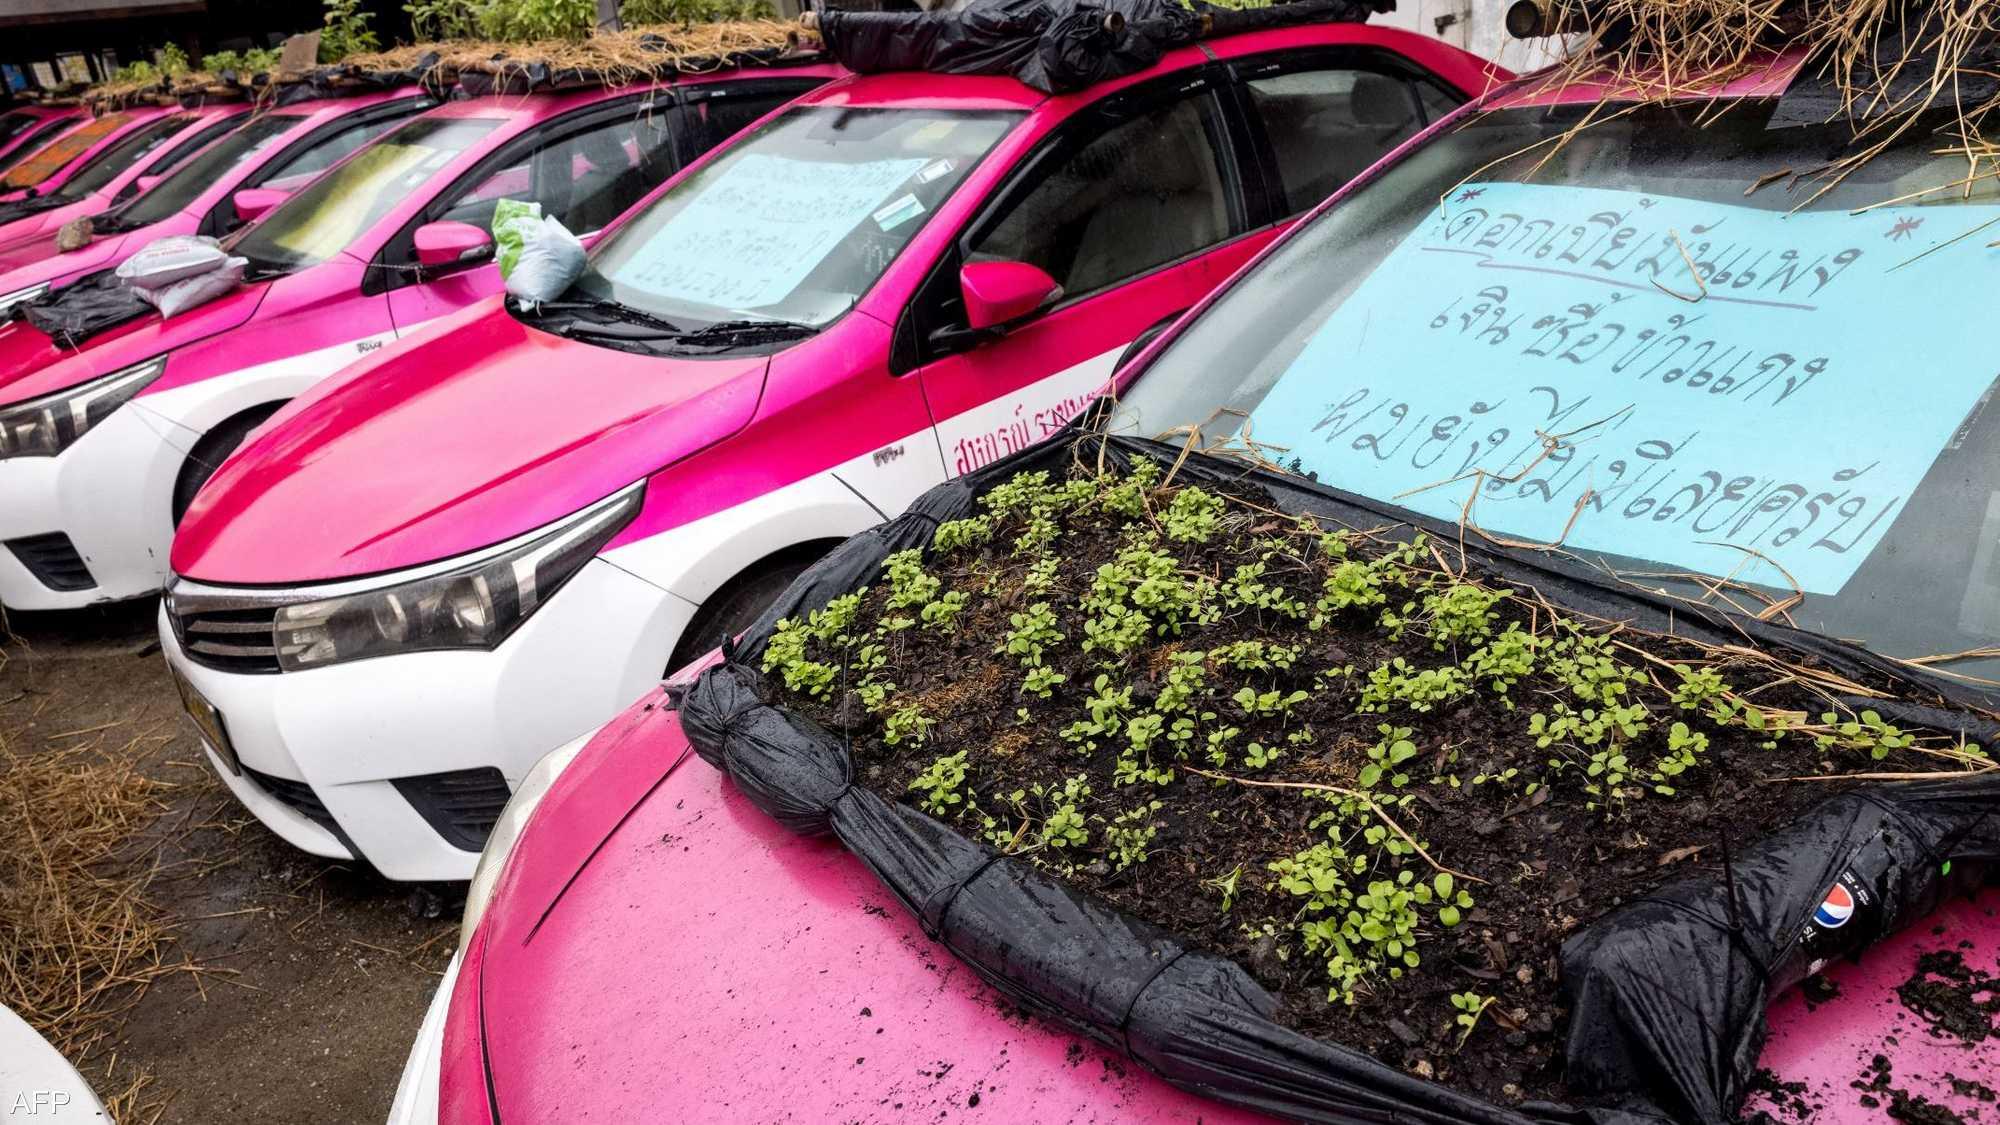 سيارات أجرة خاملة تحول أسقفها لحدائق صغيرة 1-1464305